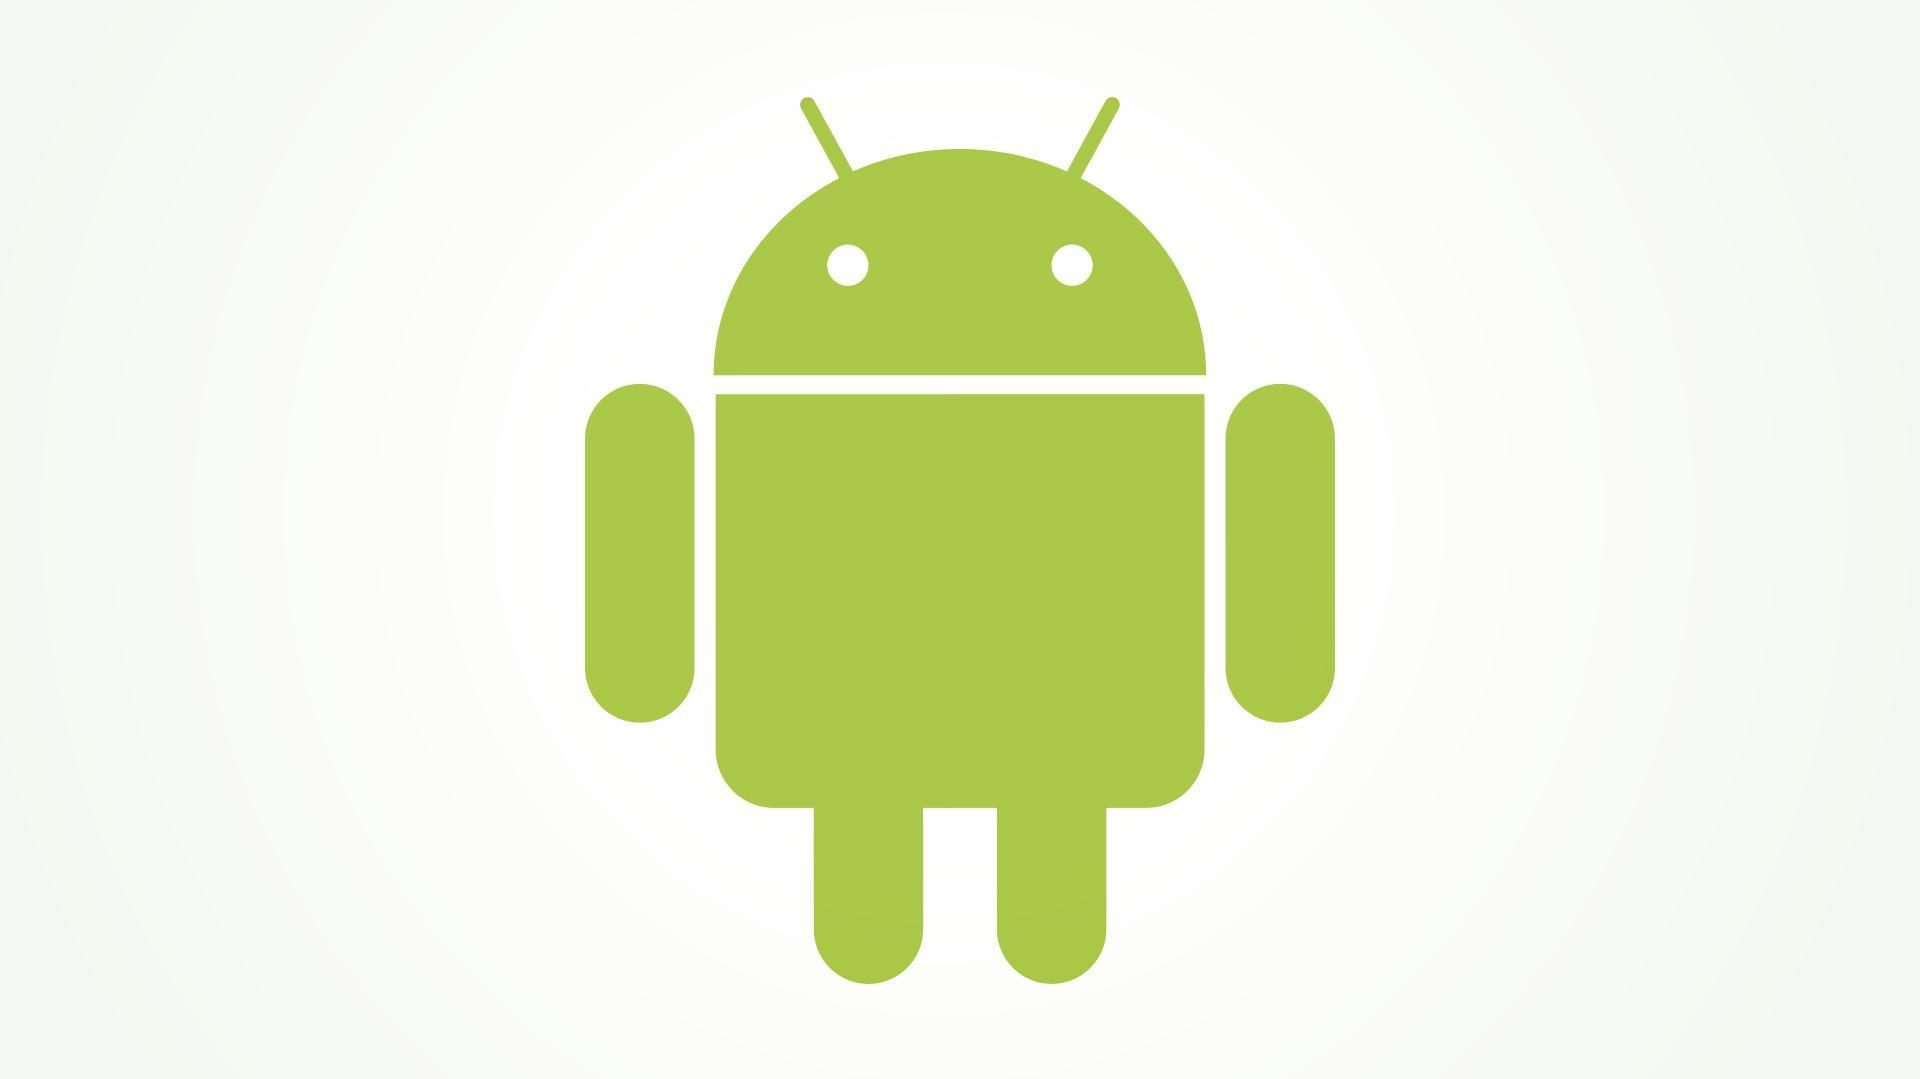 Datenaustausch Zwischen Android Und Windows Pc